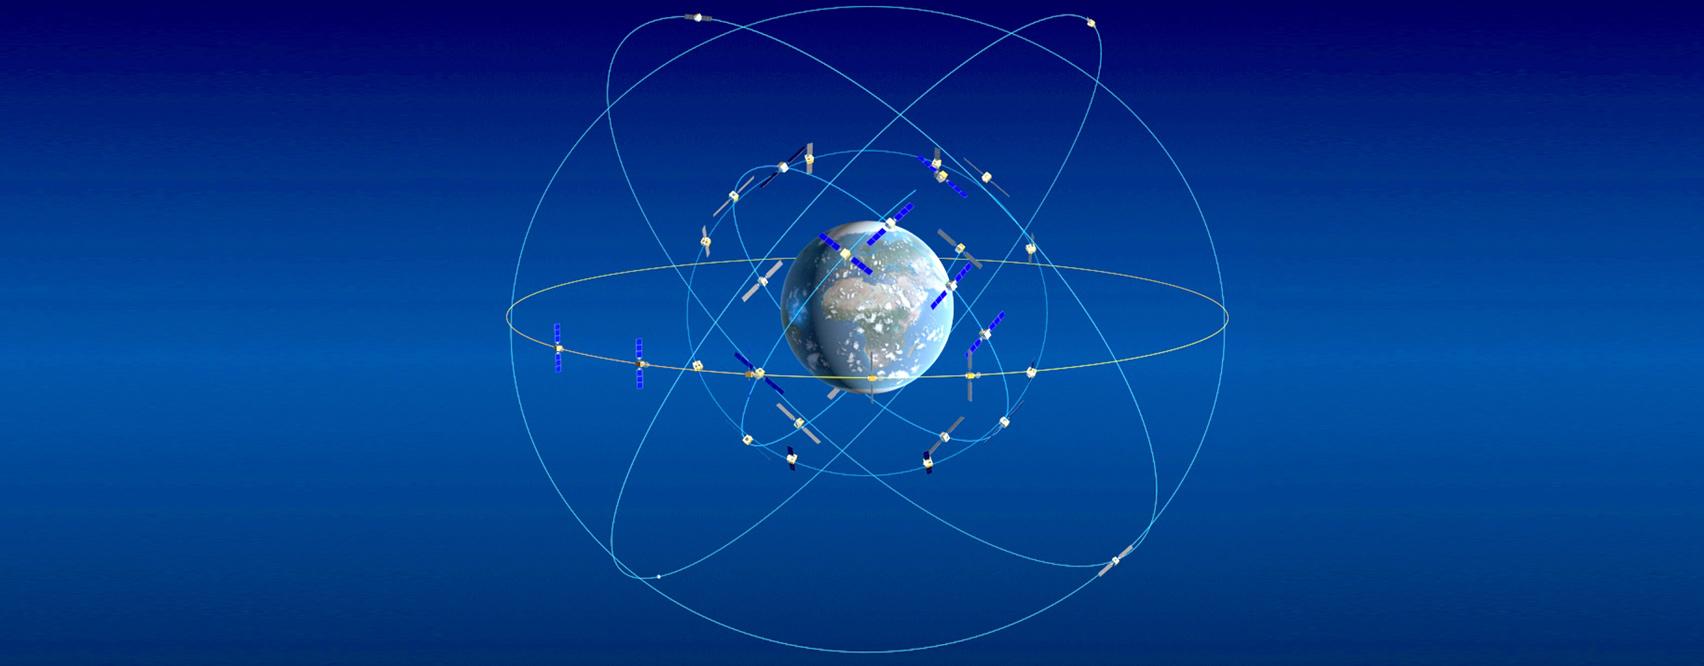 全球资讯_新闻发布会上宣布:北斗三号基本系统完成建设,于今日开始提供全球服务